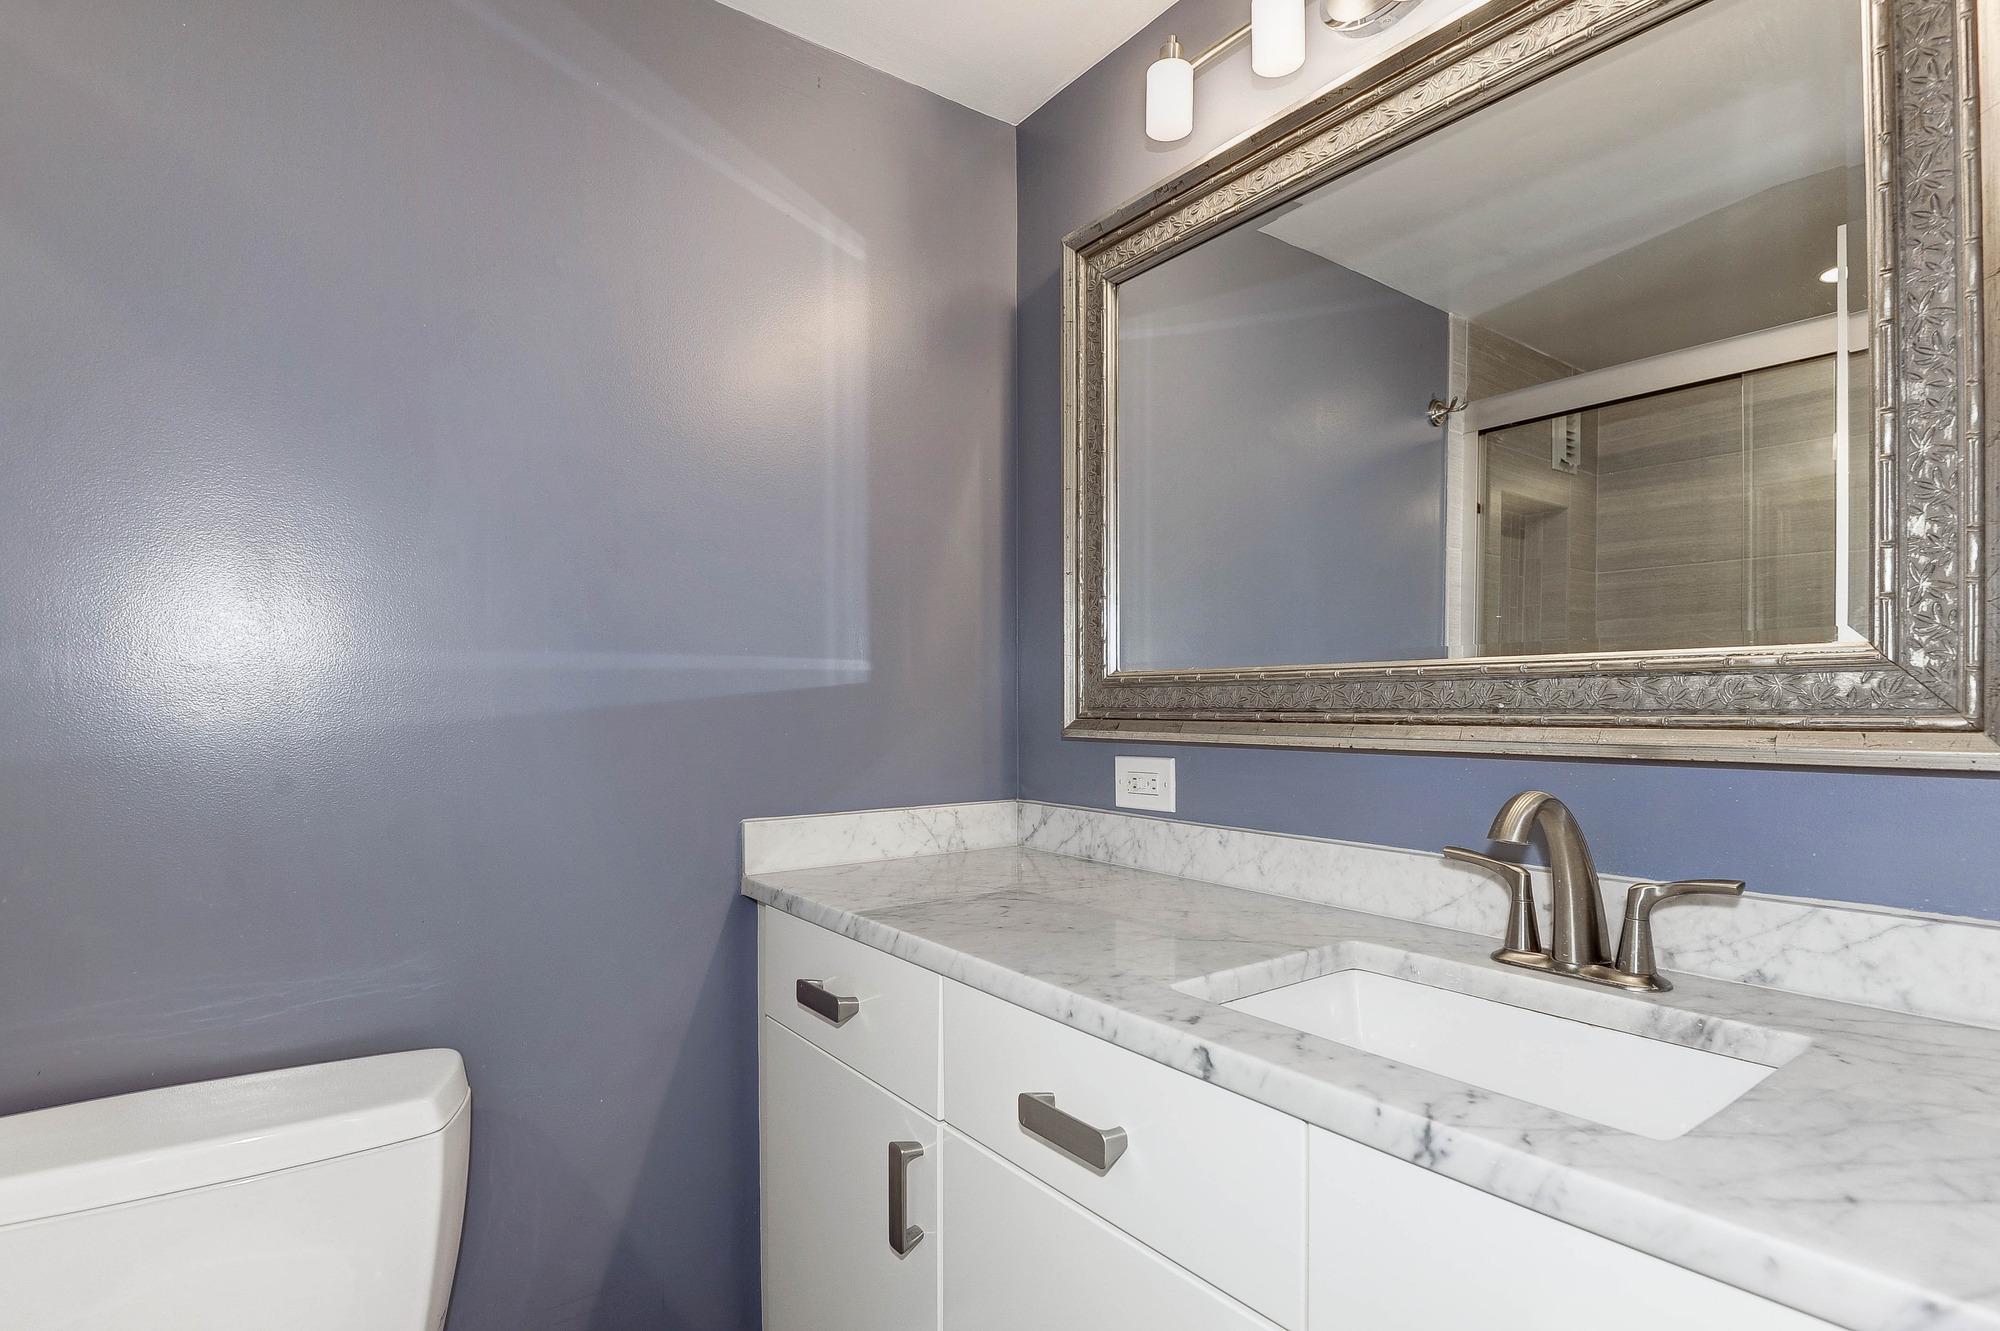 New Bathroom - Large Granite Sink